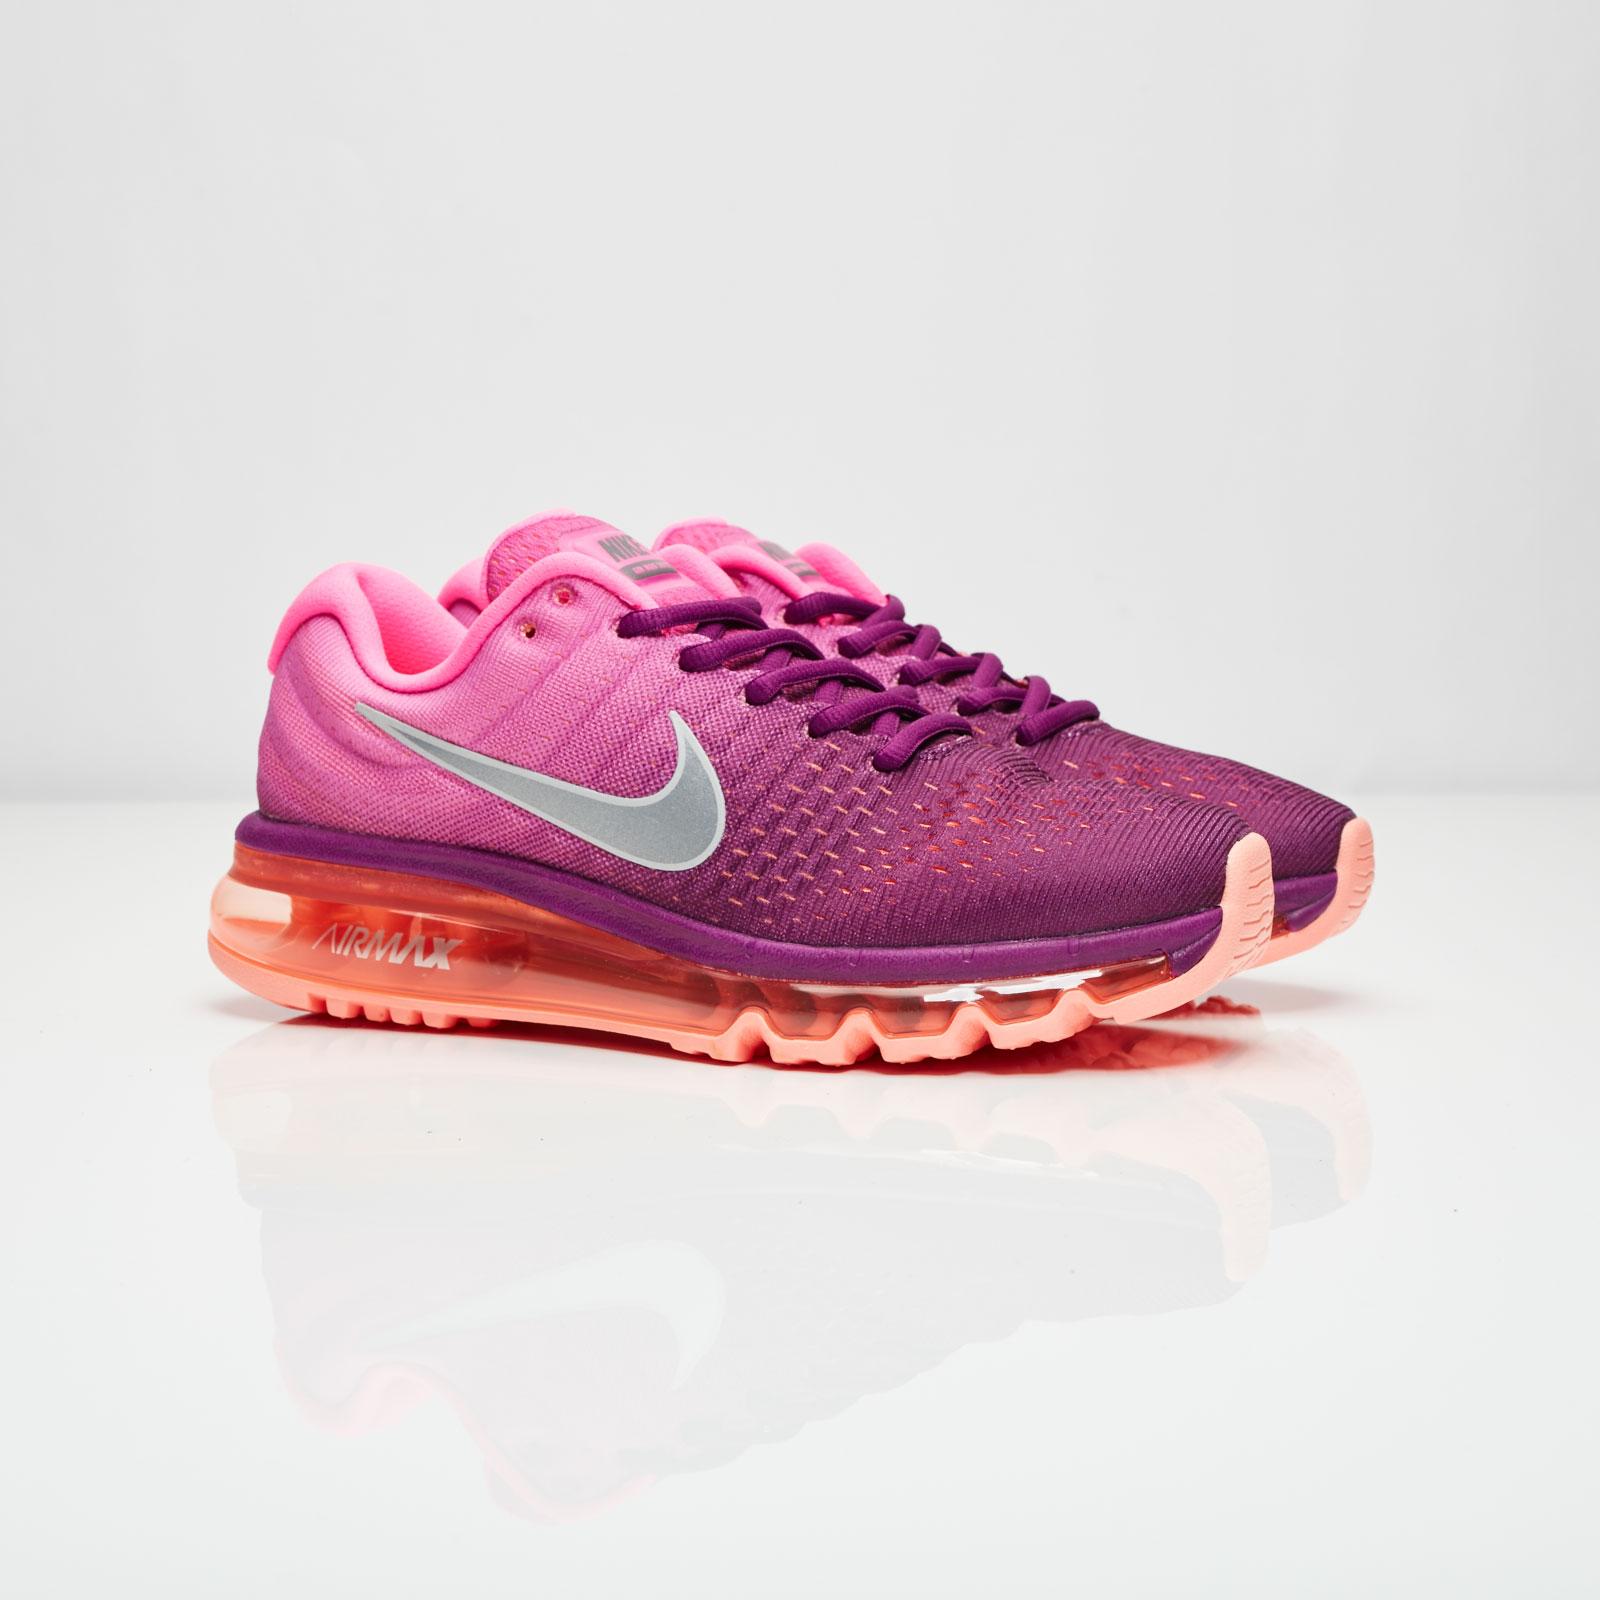 Nike Wmns Air Max 2017 - 849560-502 - Sneakersnstuff  adf86b706